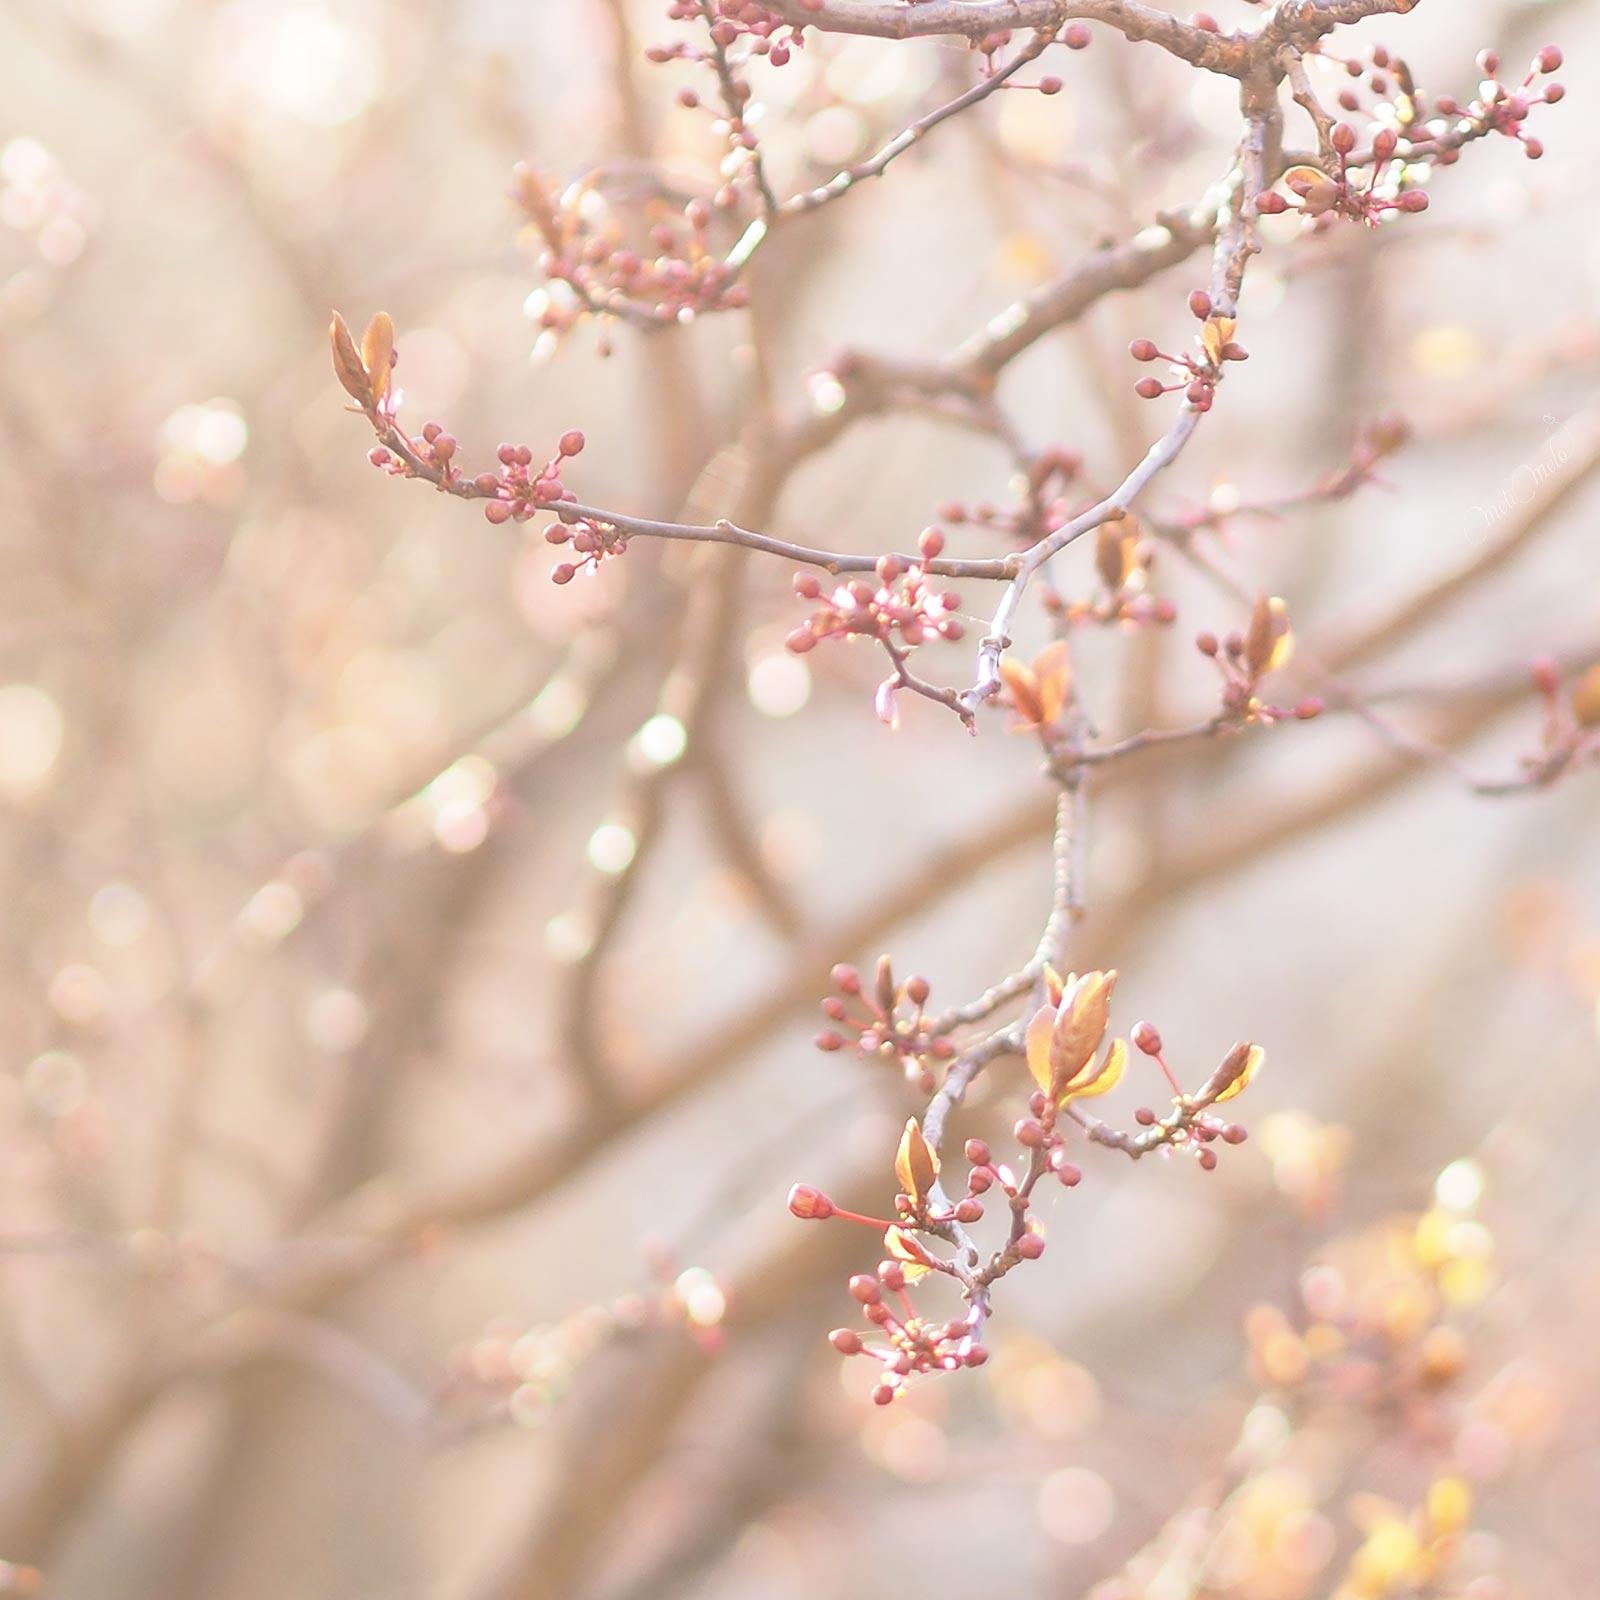 bourgeons prunus floraison flowersbymelimelo Boutique MeliMelo